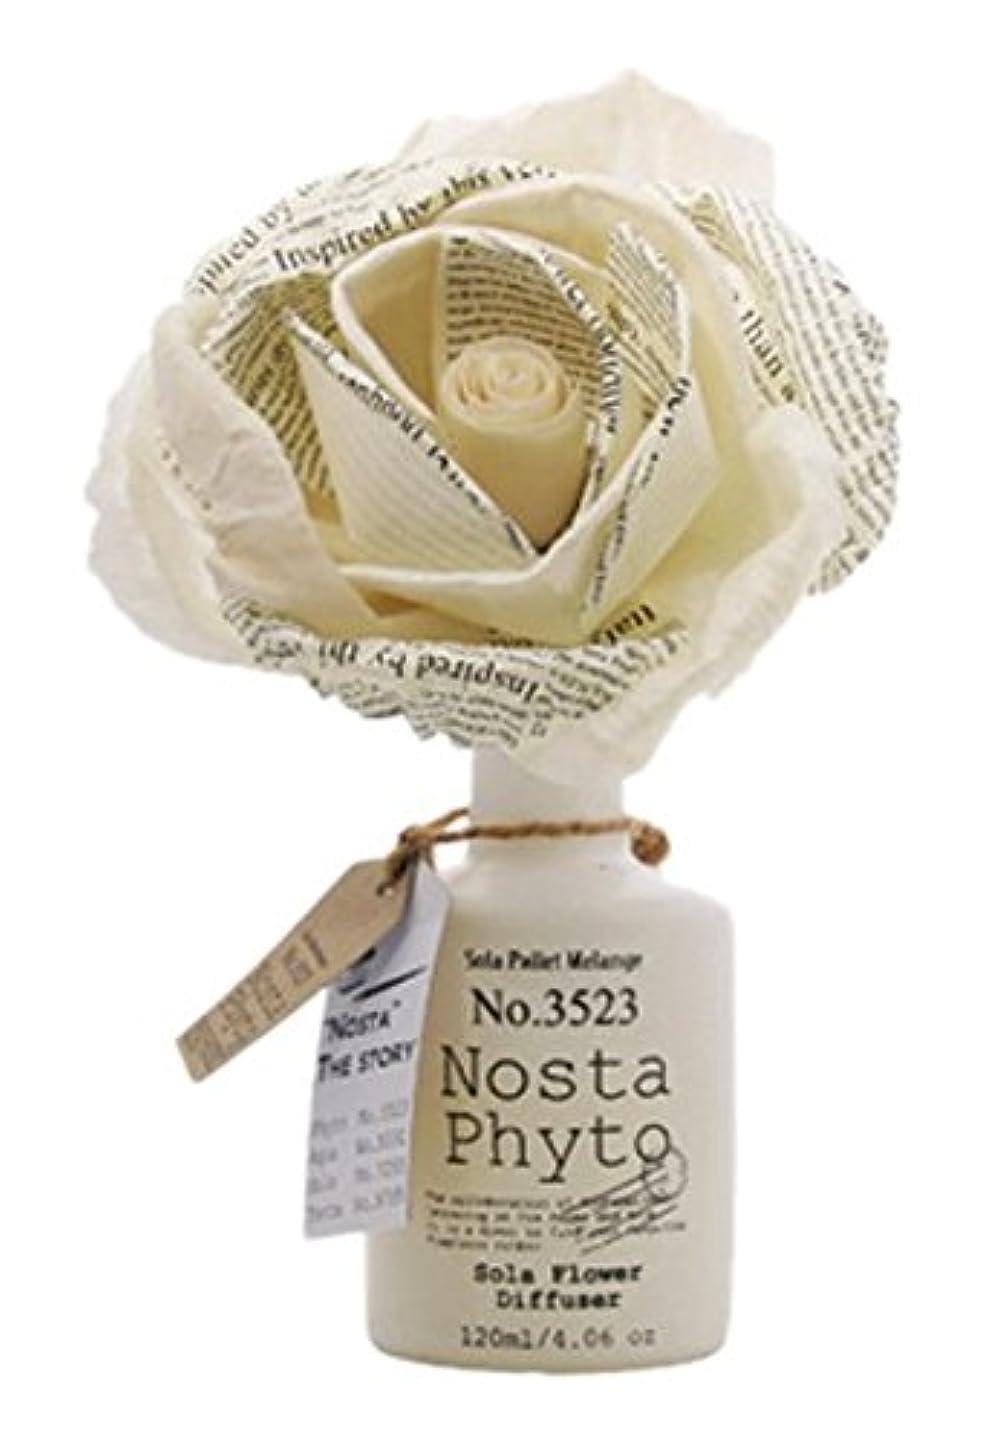 ポップ小道具七面鳥Nosta ノスタ Solaflower Diffuser ソラフラワーディフューザー phyto フィト / 植物